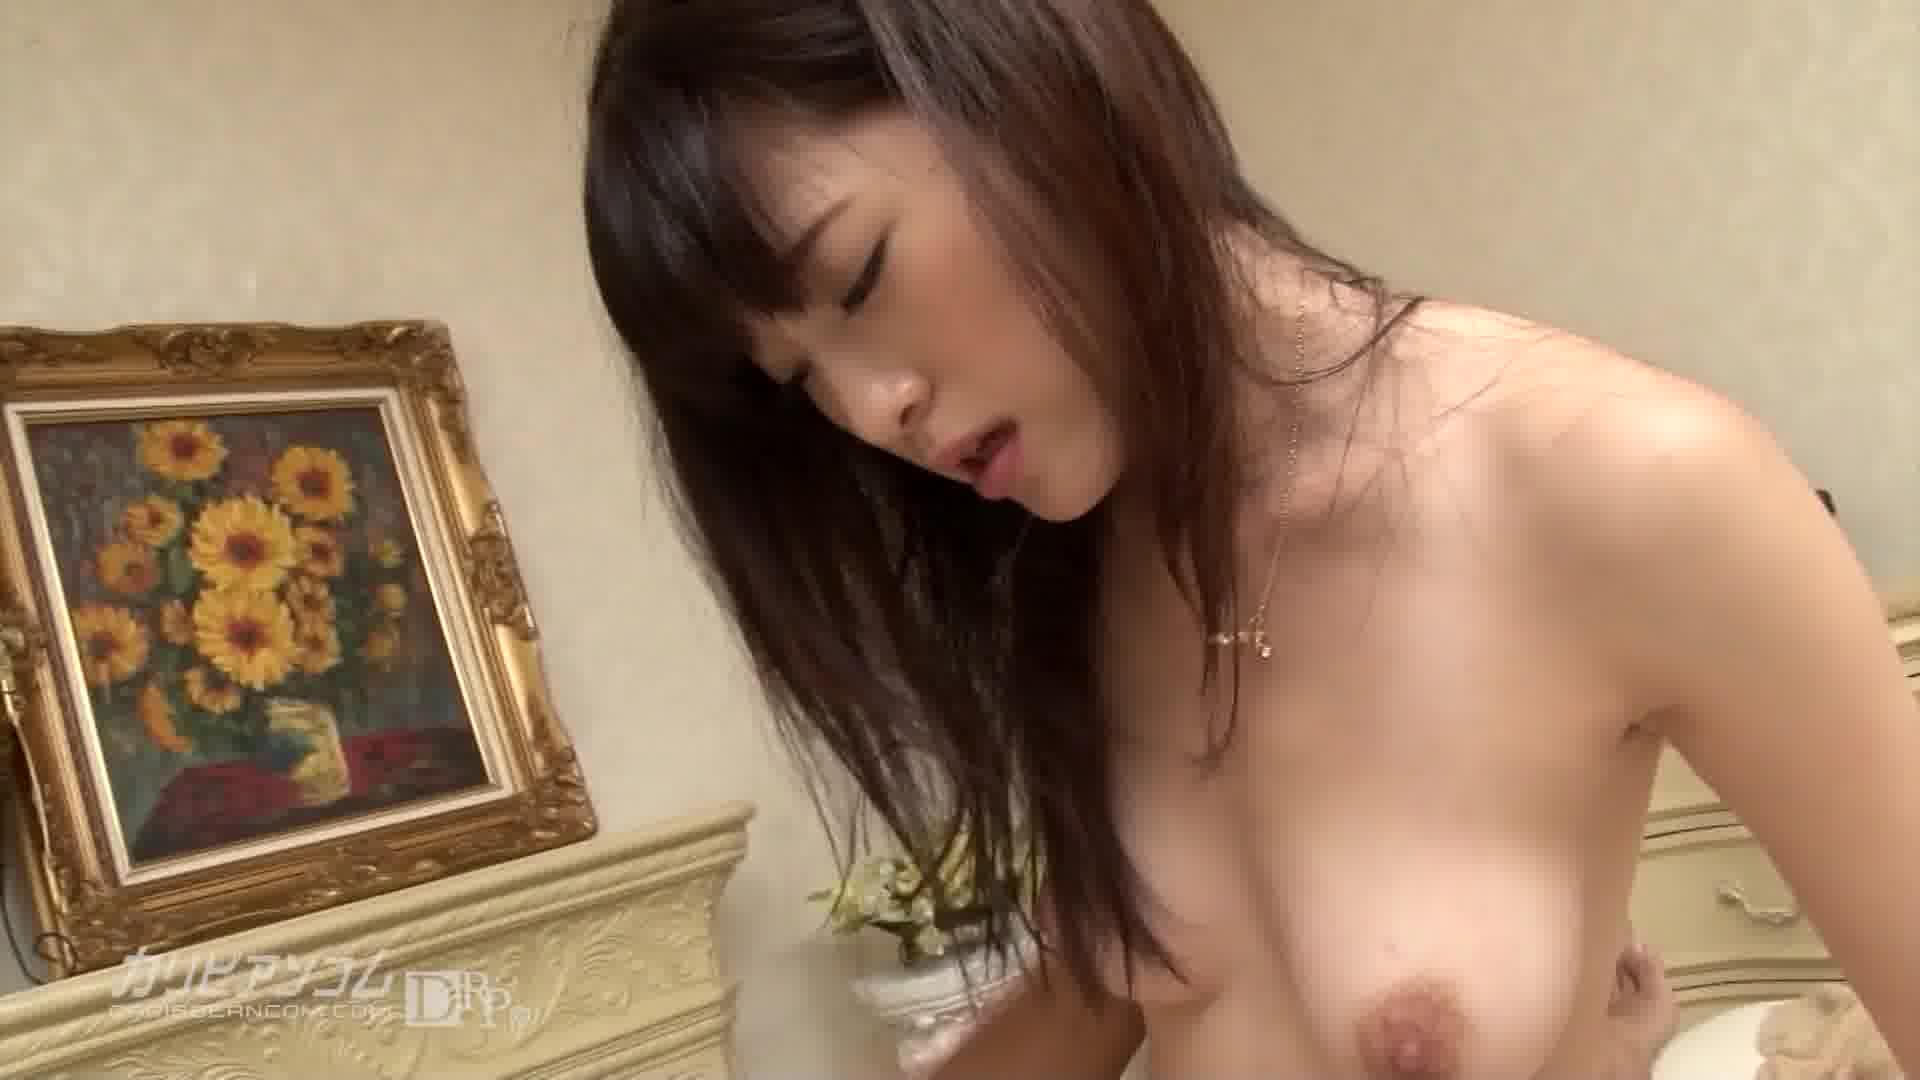 極上泡姫物語 Vol.45 - 百合川さら【スレンダー・風俗・中出し】